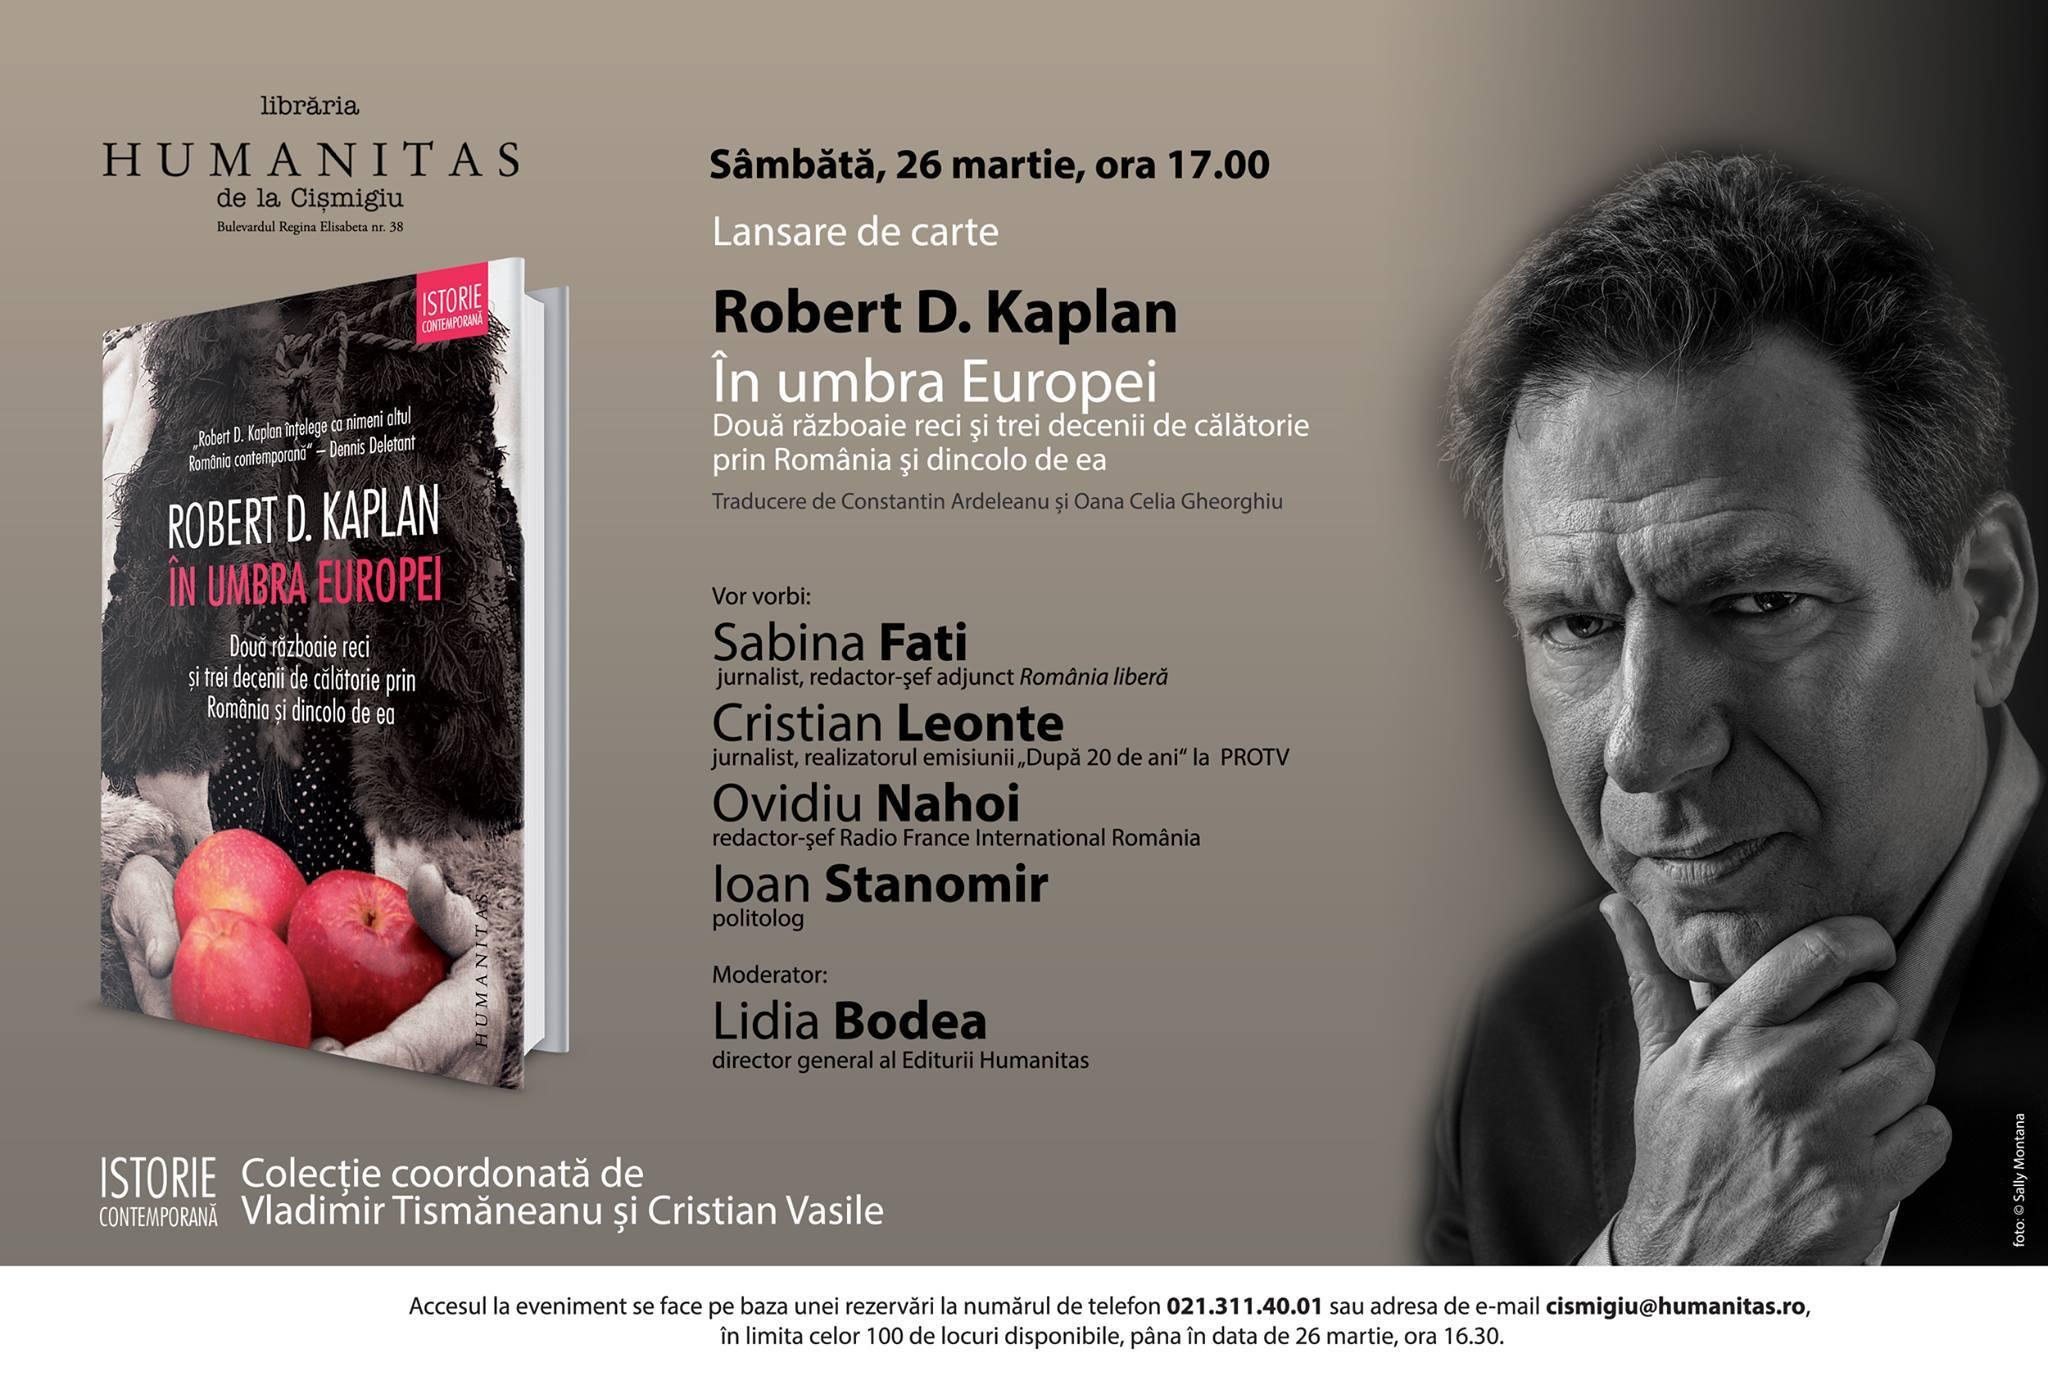 """""""În umbra Europei"""" de Robert D. Kaplan în dezbatere la Librăria Humanitas de la Cişmigiu"""